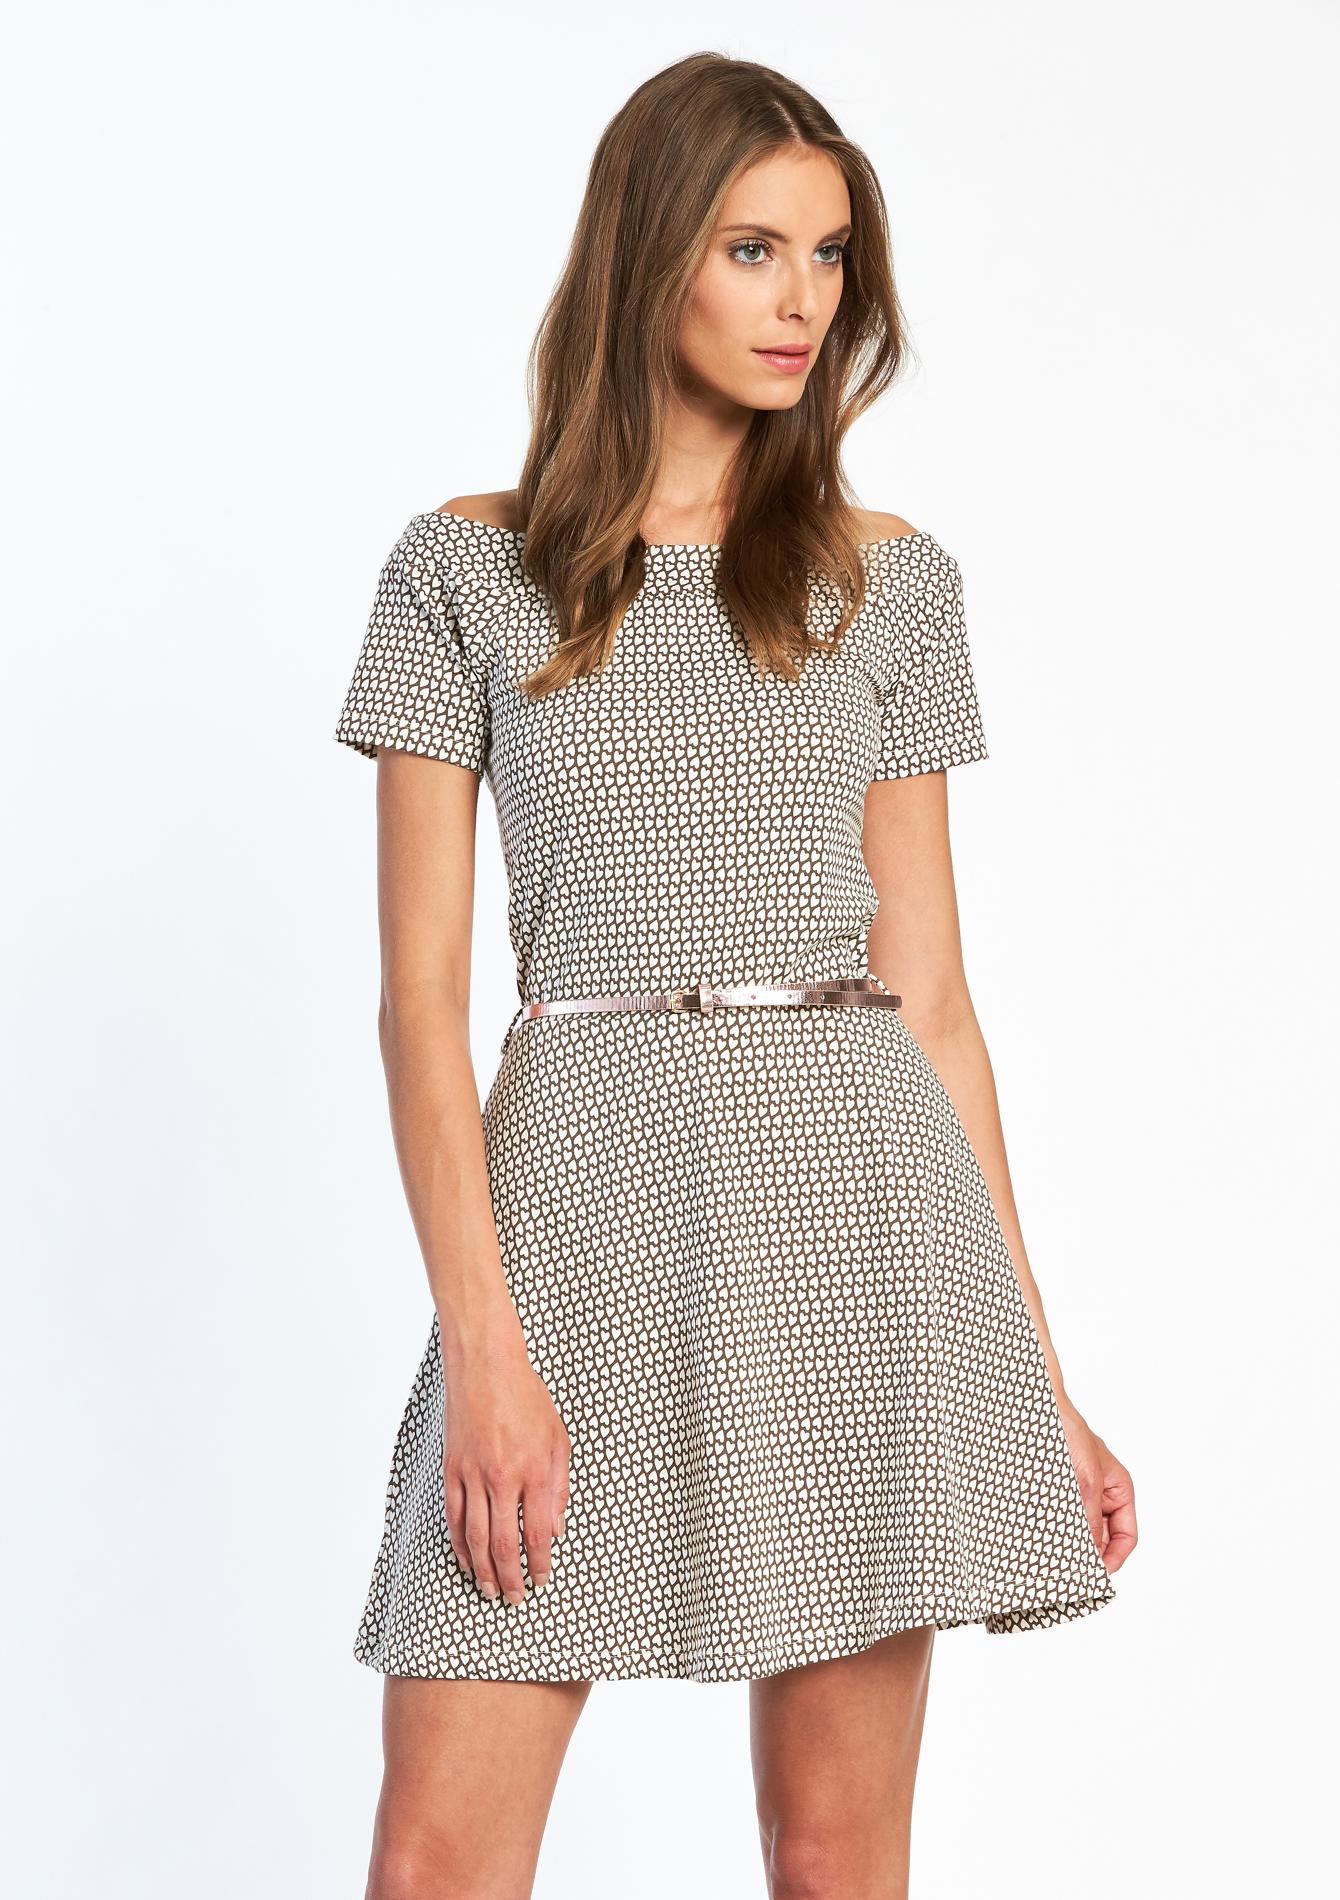 Gemakkelijke kleding op z'n best – een korte jurk is essentieel in je garderobe voor alle seizoenen en looks, van minimalistische eenvoud tot casual boxy en zachtere vormen.